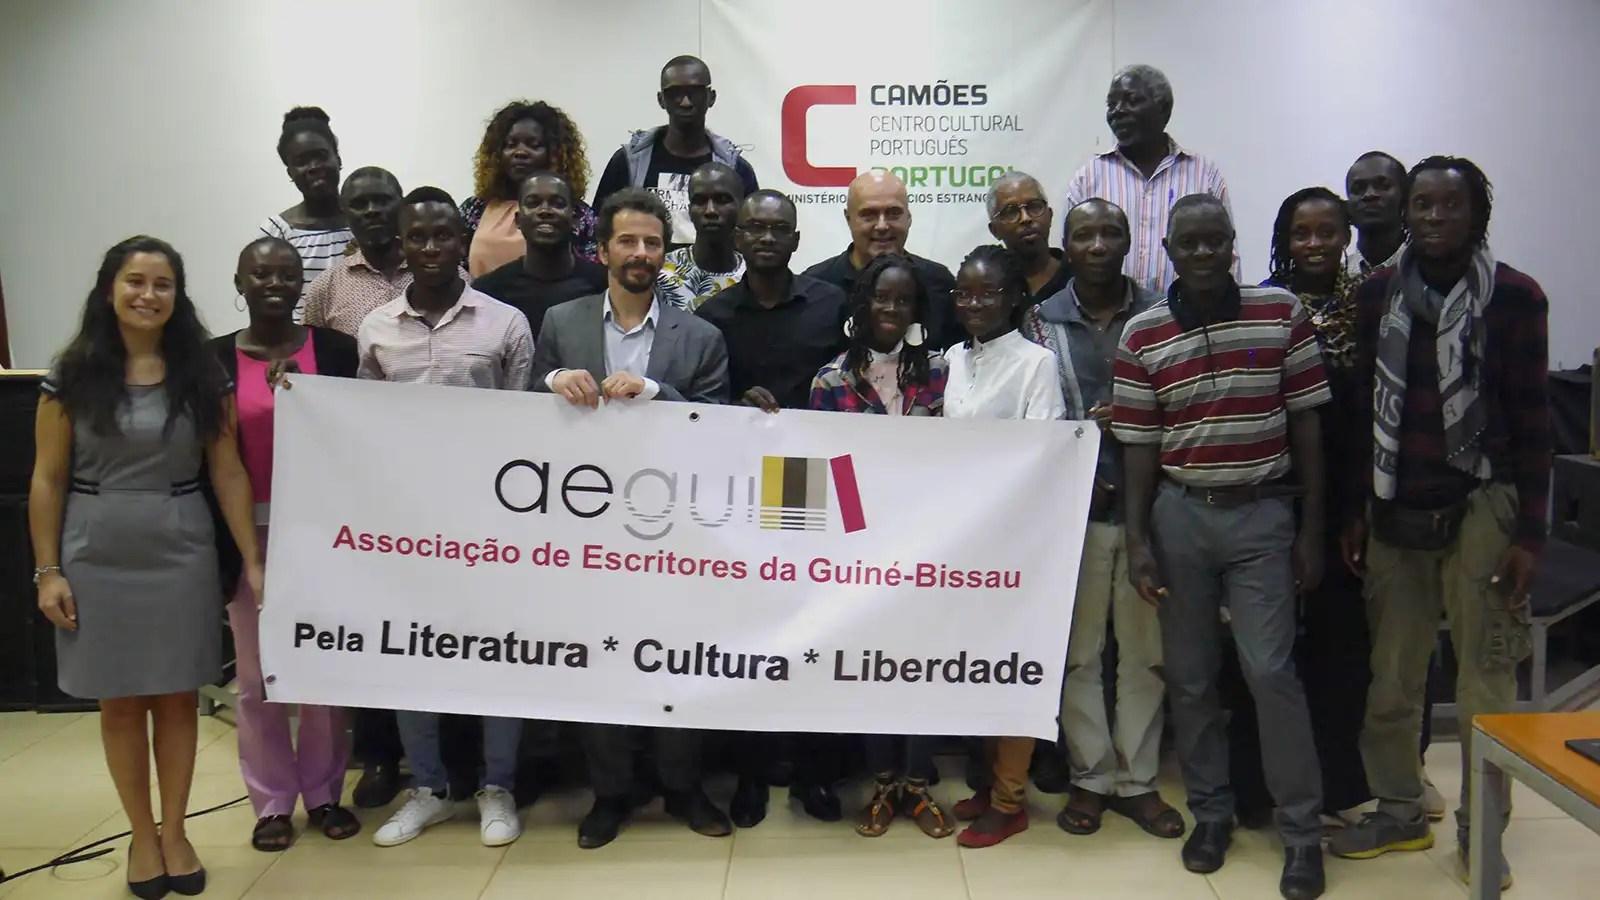 Notas sobre o workshop na Guiné